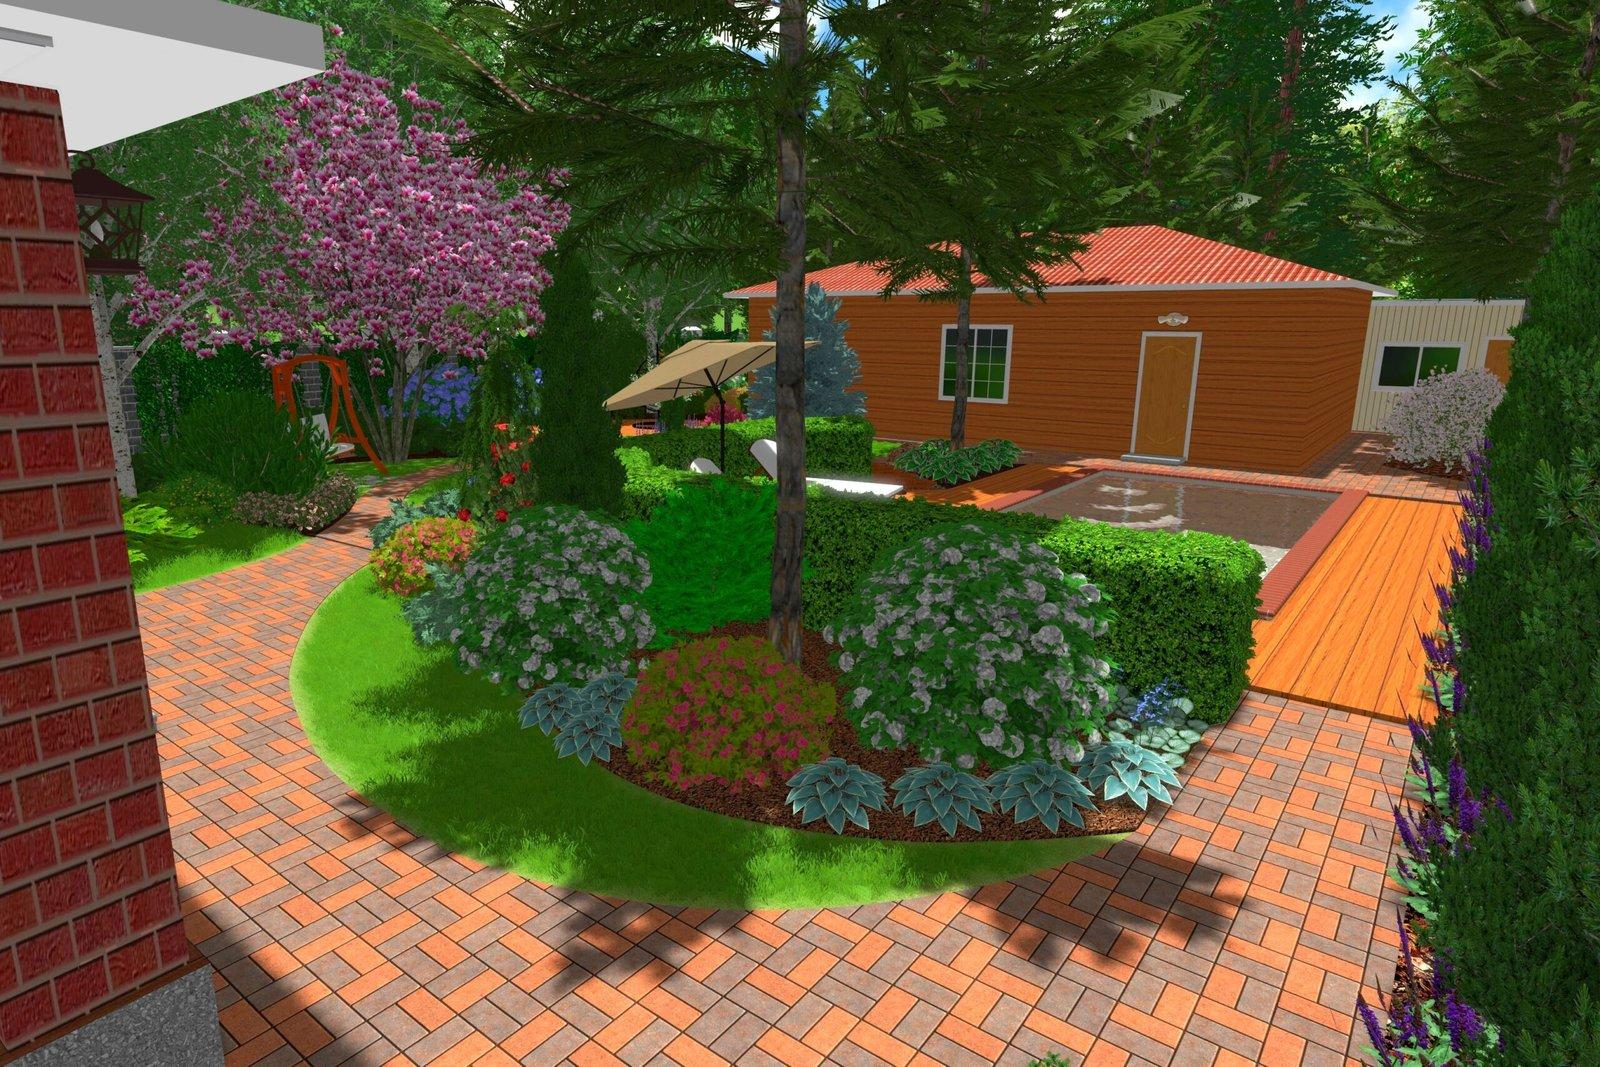 Профессиональная разработка ландшафтного дизайна, Ландшафтный дизайн, проектирования участков